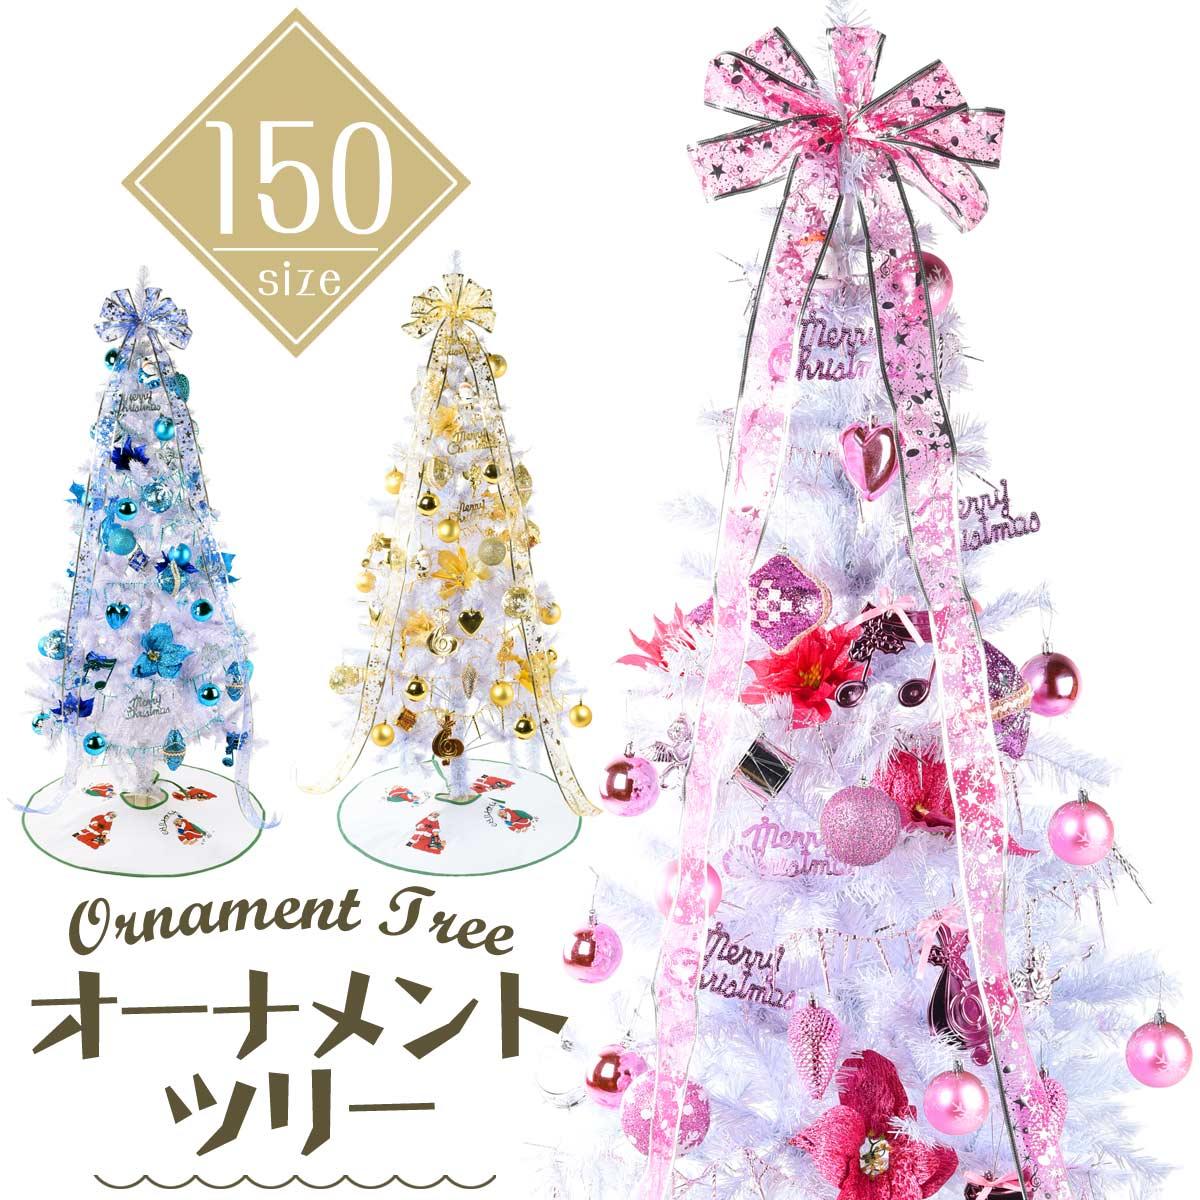 クリスマスツリー 北欧 New 150cm 白ツリー 選べる White led 付 おしゃれ オーナメント セット クリスマス ツリー 店舗 家庭 用 cm19c